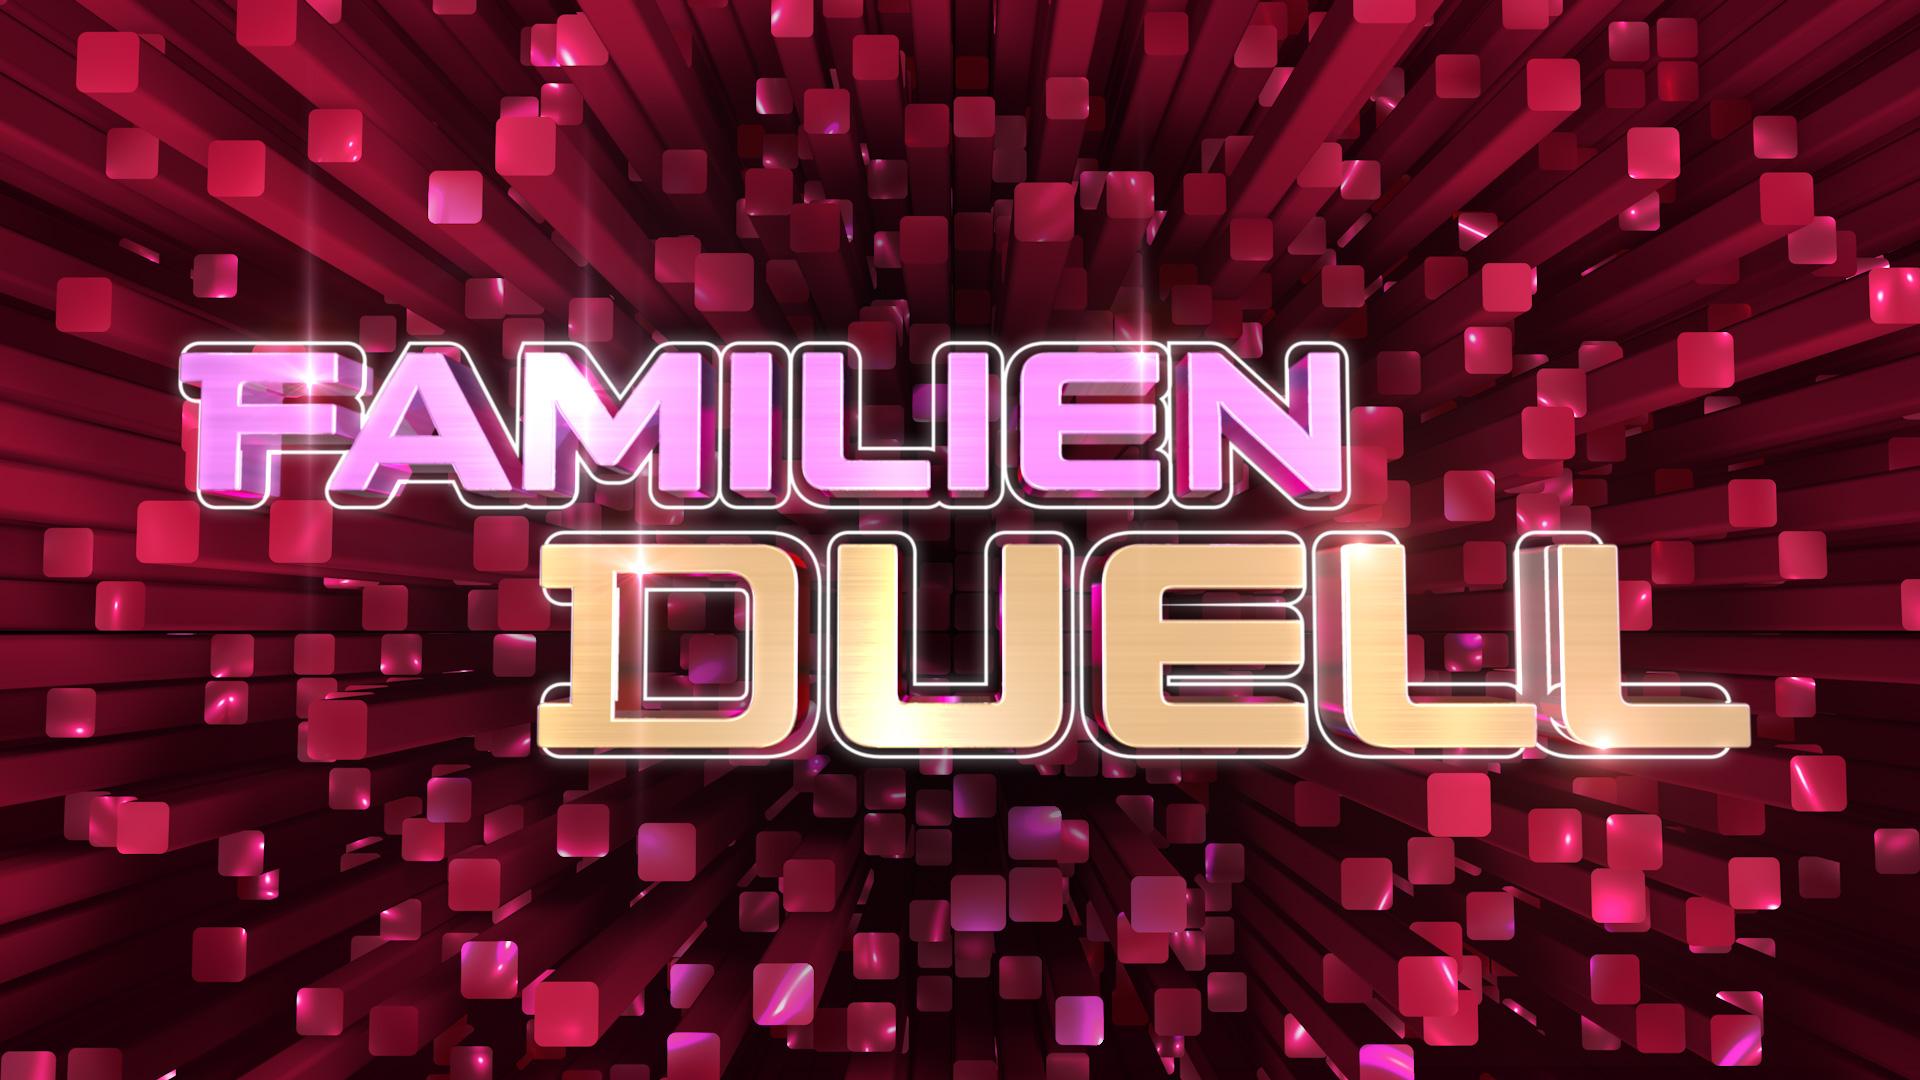 Familienduell Rtl Plus